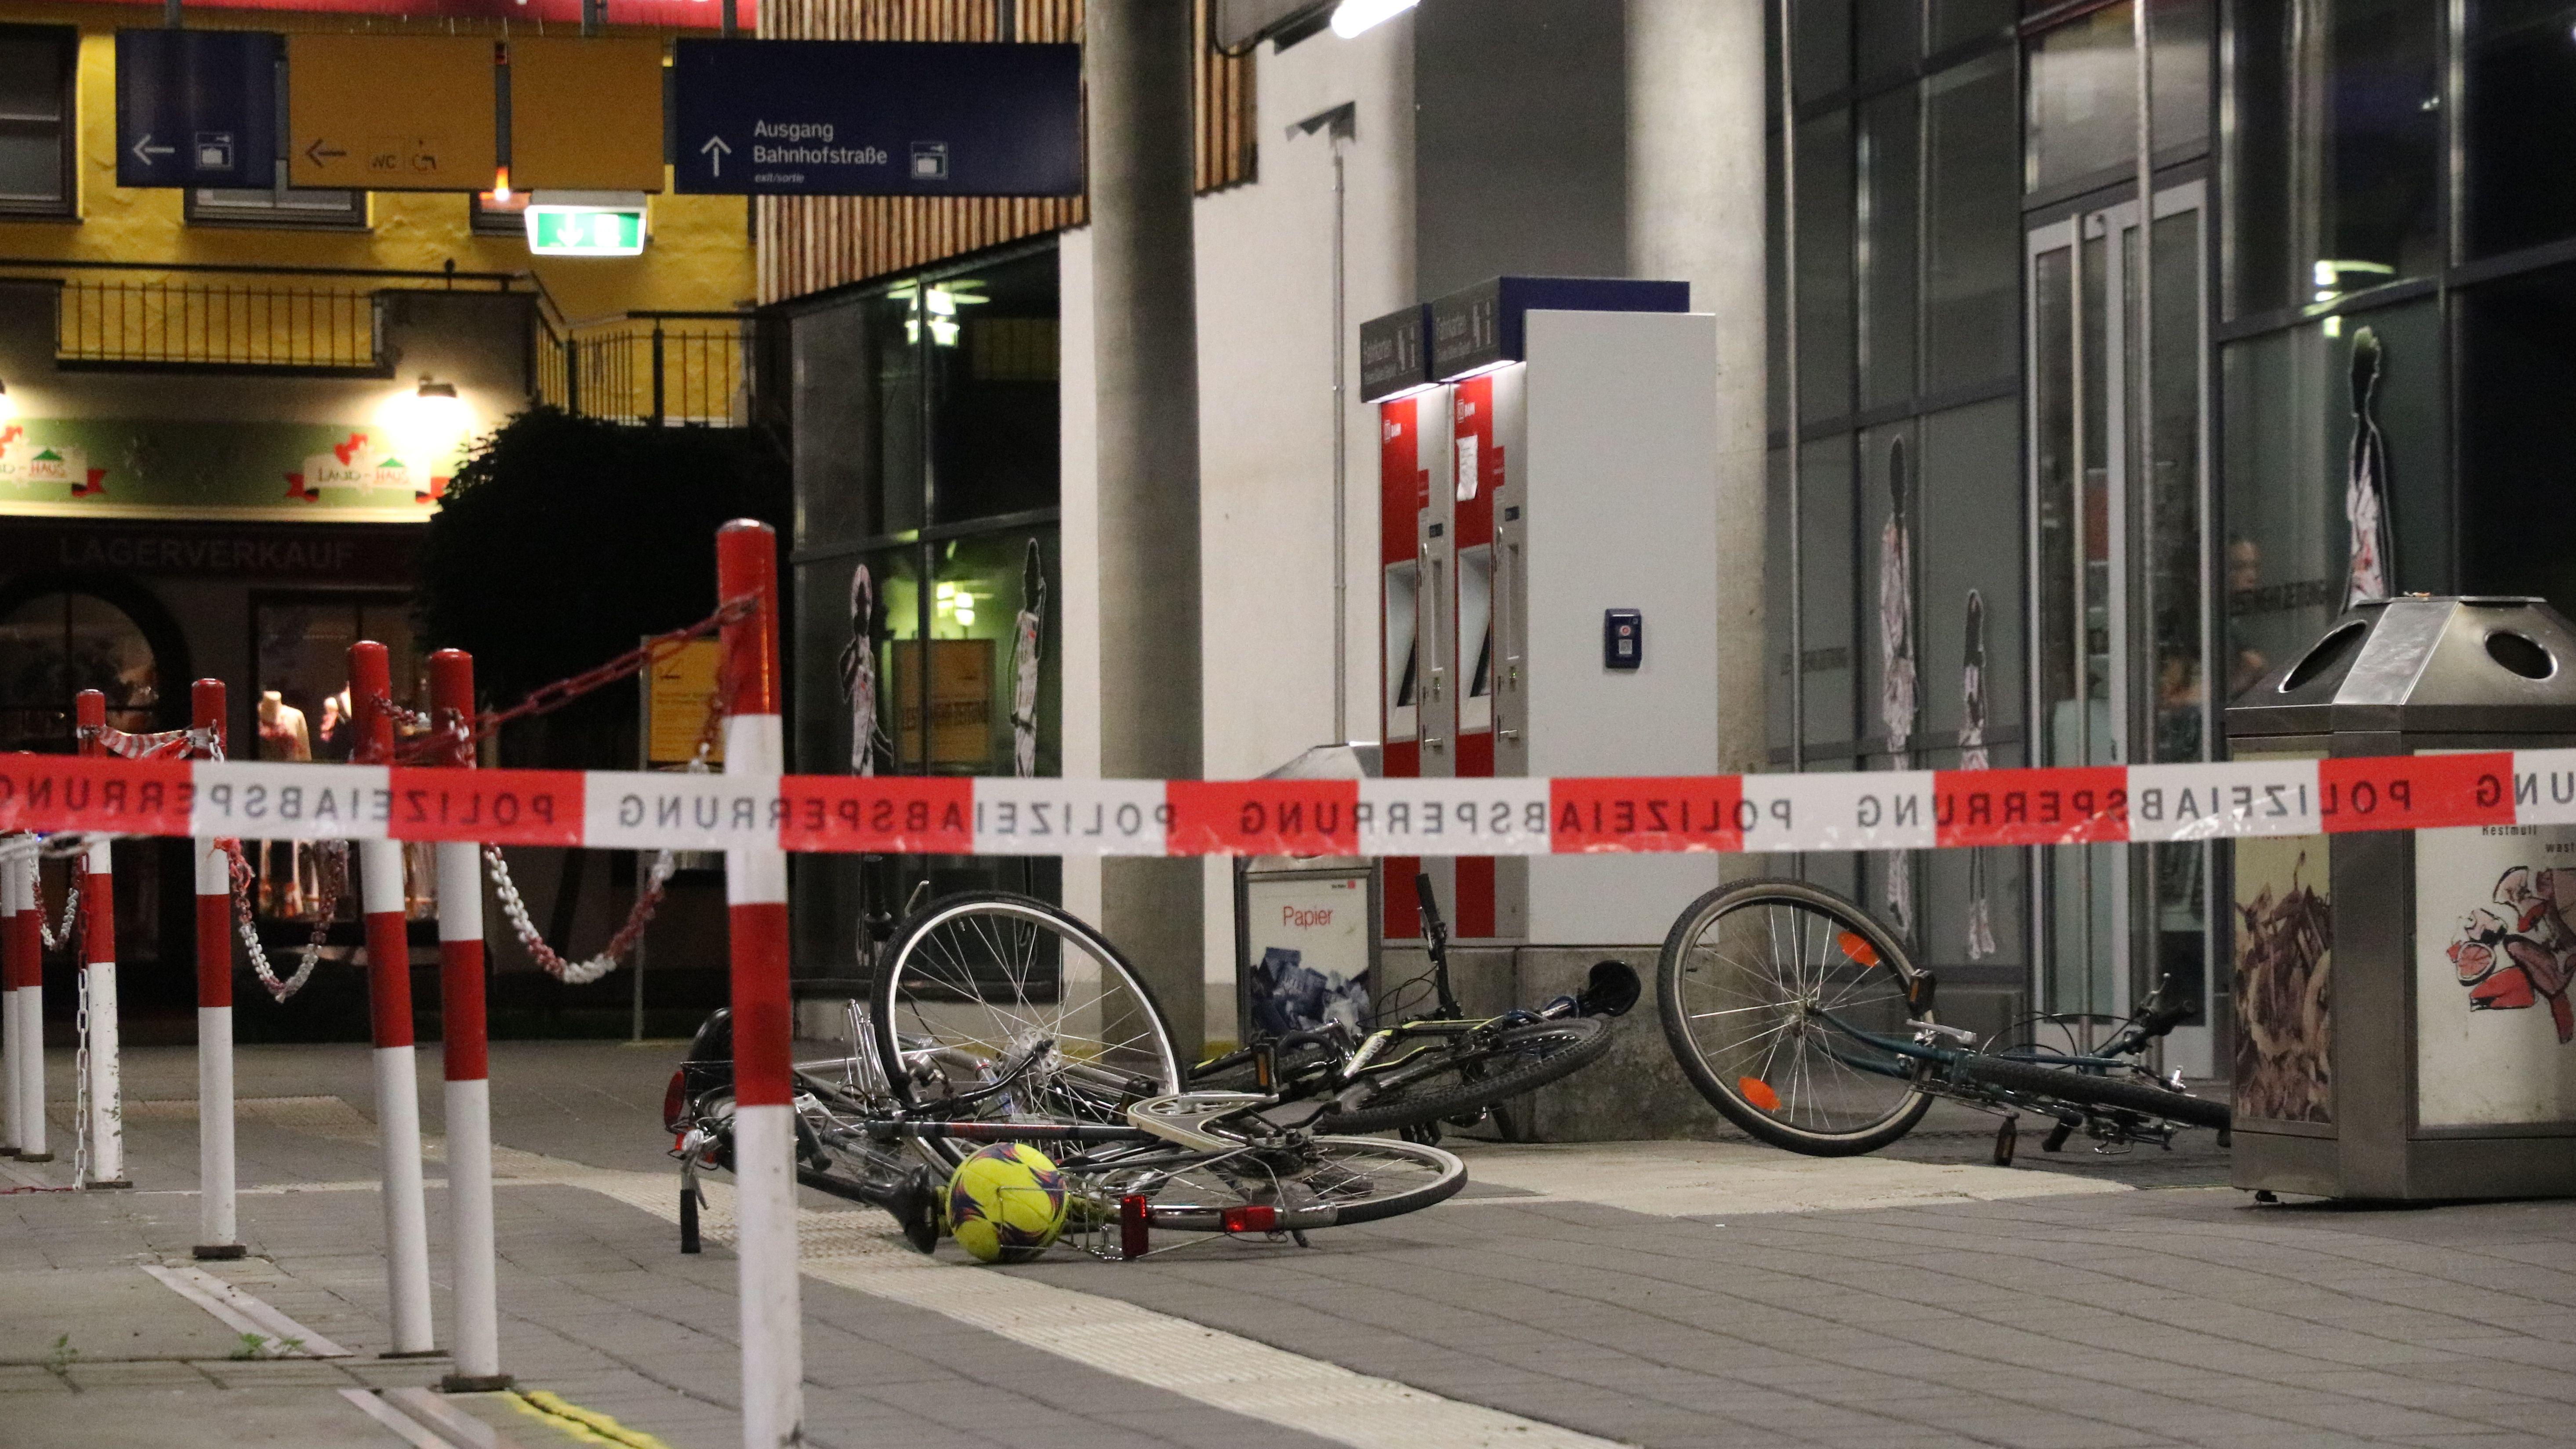 Polizei-Absperrung am Bahnhof Oberstdorf